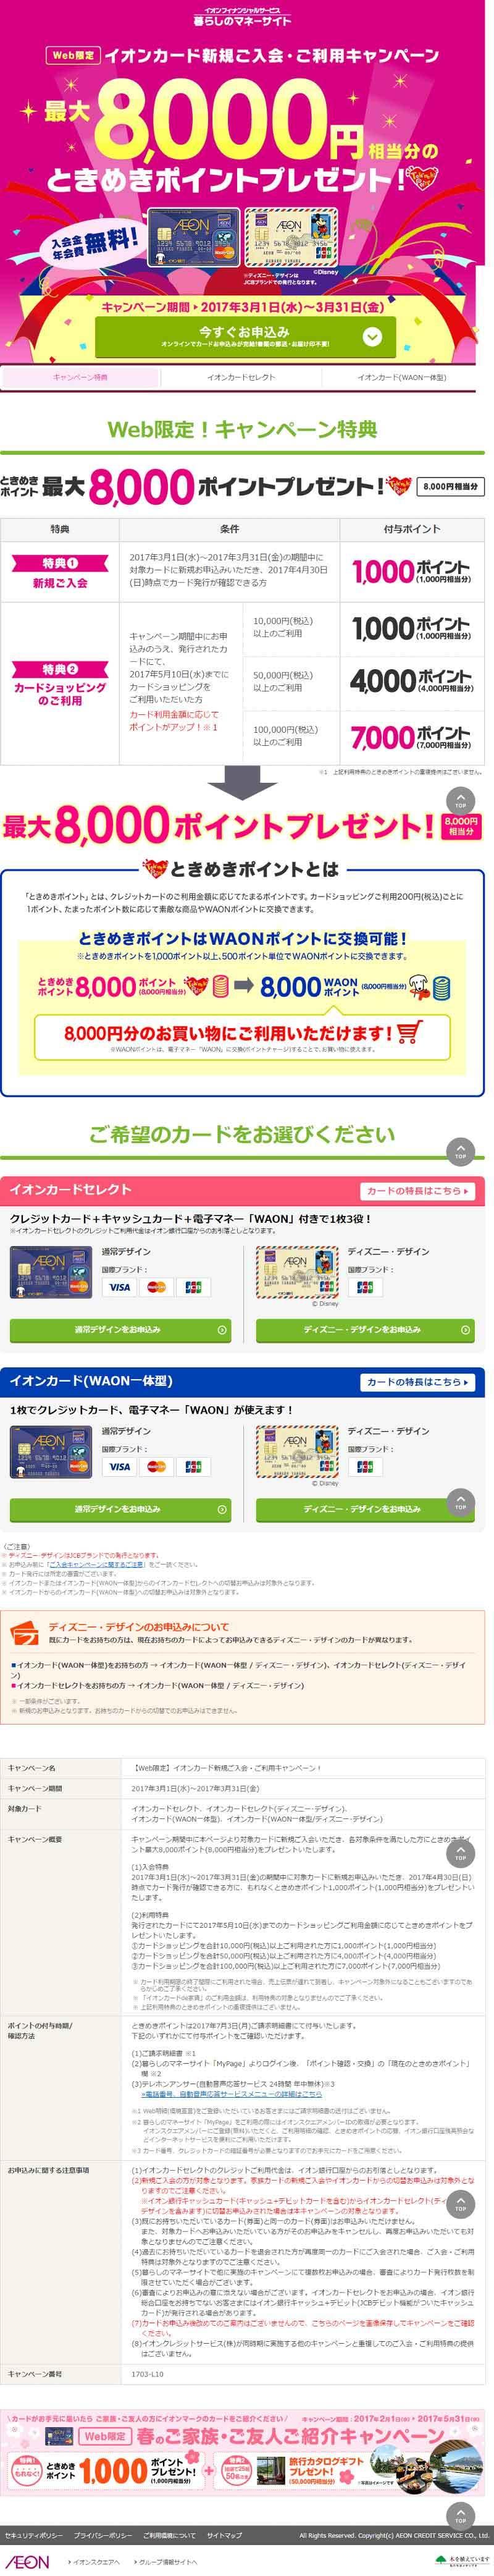 2017年3月1日(水)~2017年3月31日(金)までの新規入会申込みキャンペーンページのキャプチャー画像